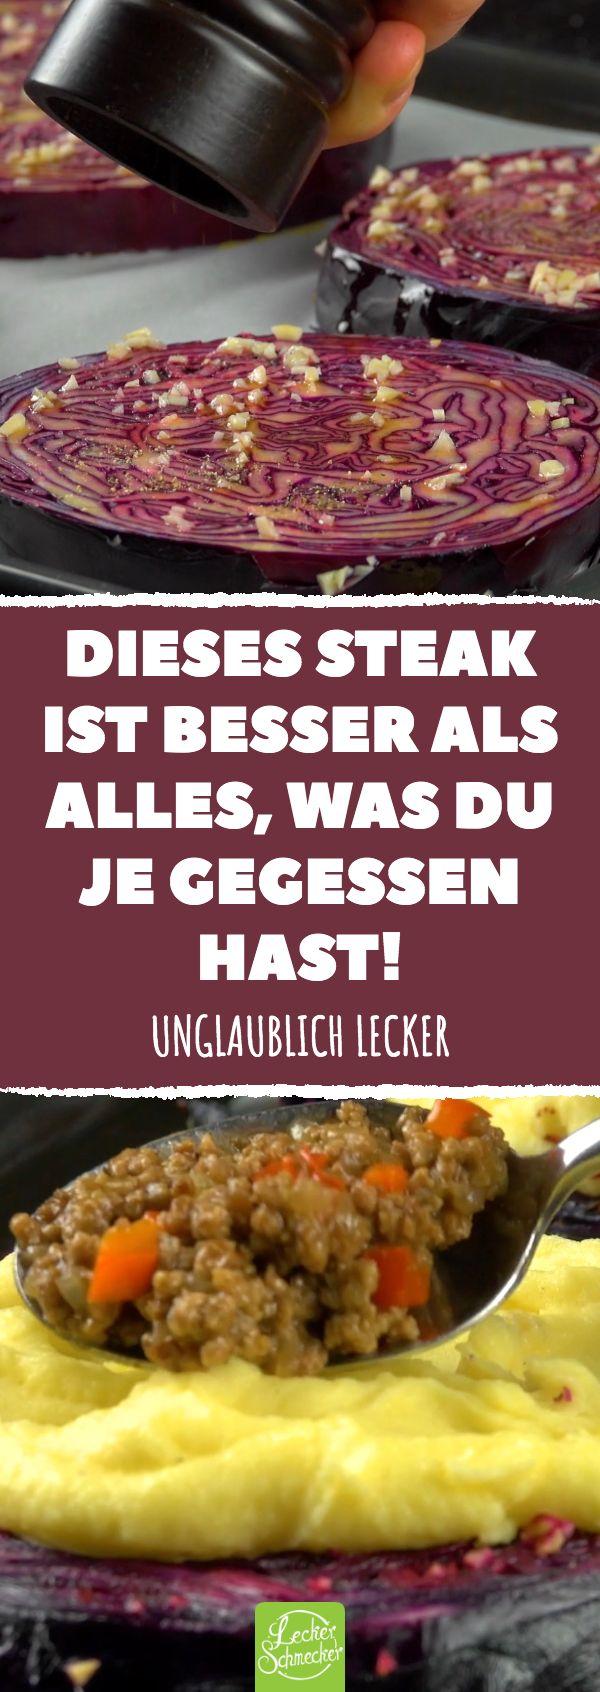 Dieses Steak ist besser als alles, was du je geges…